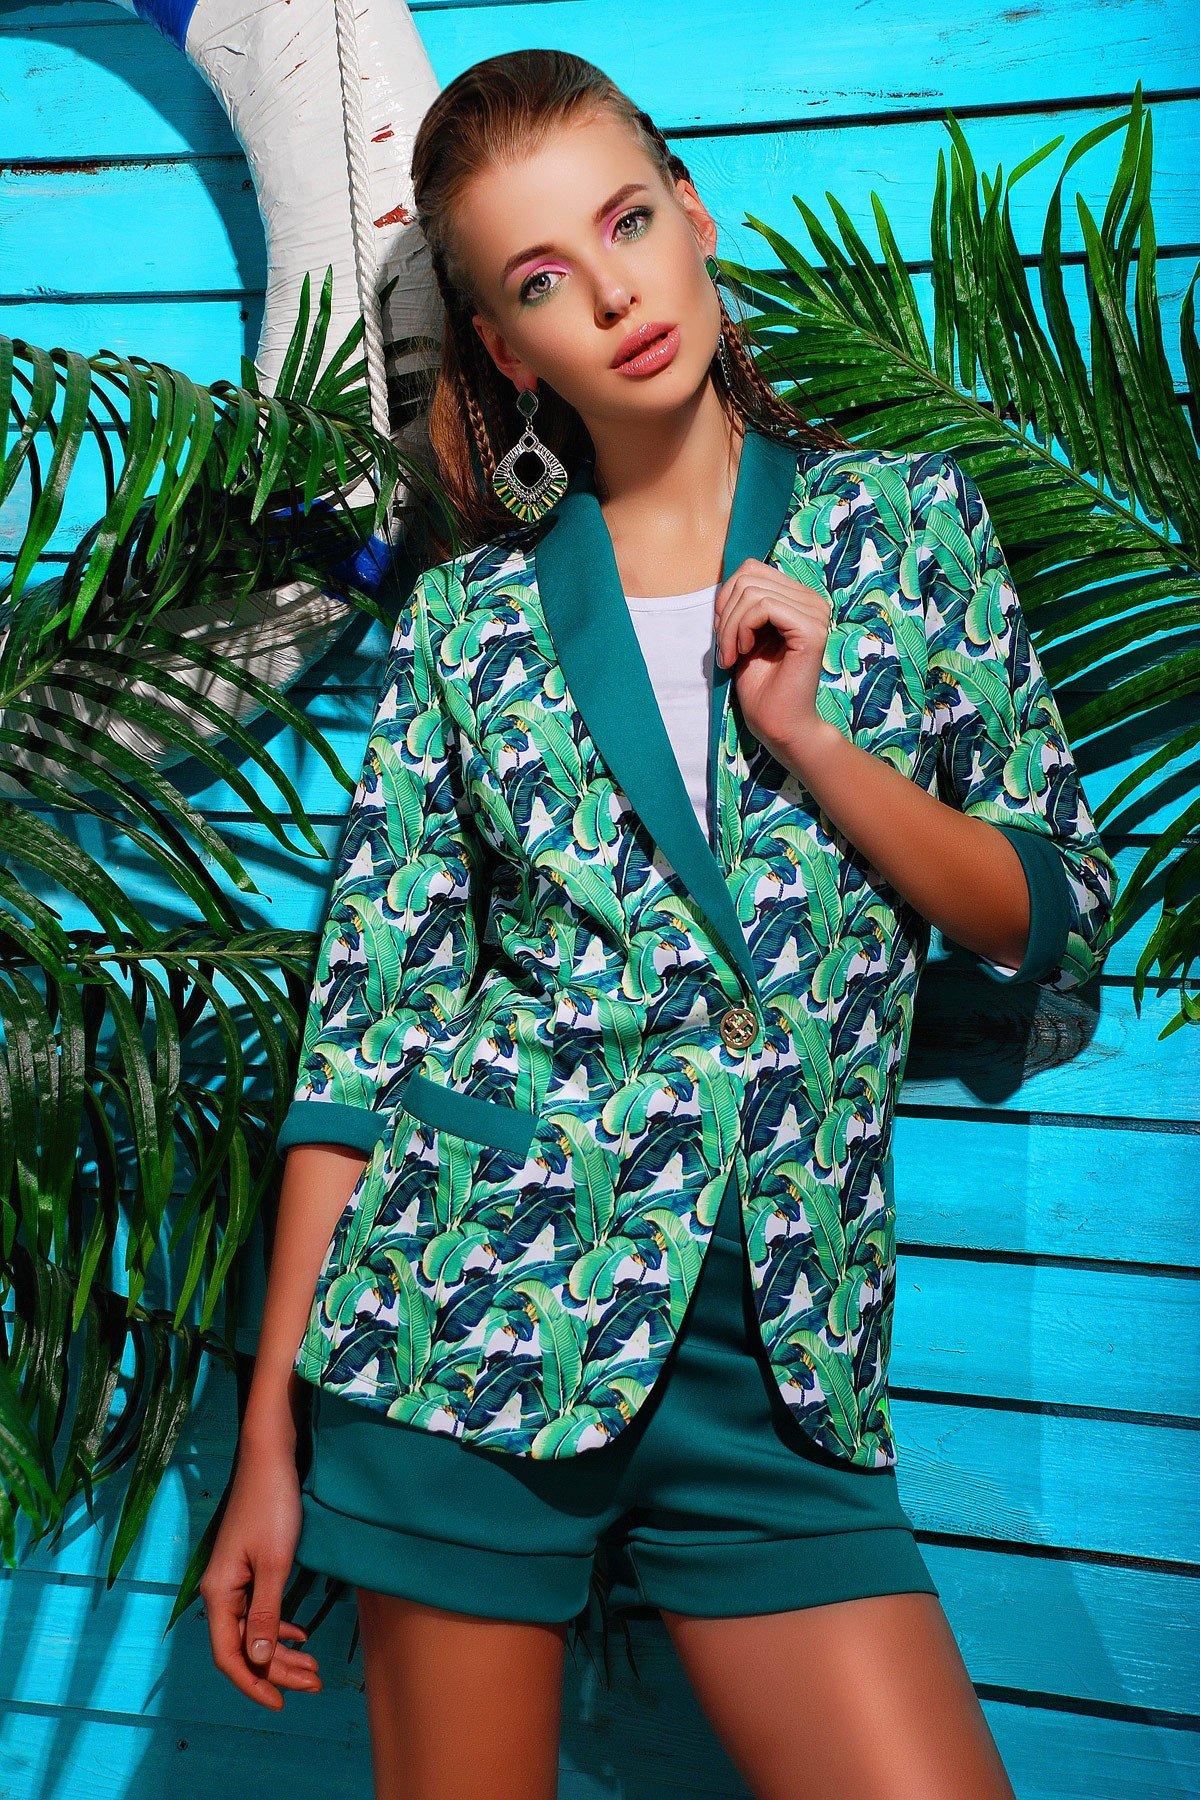 модный зеленый пиджак 2018 года яркий принт для женщины